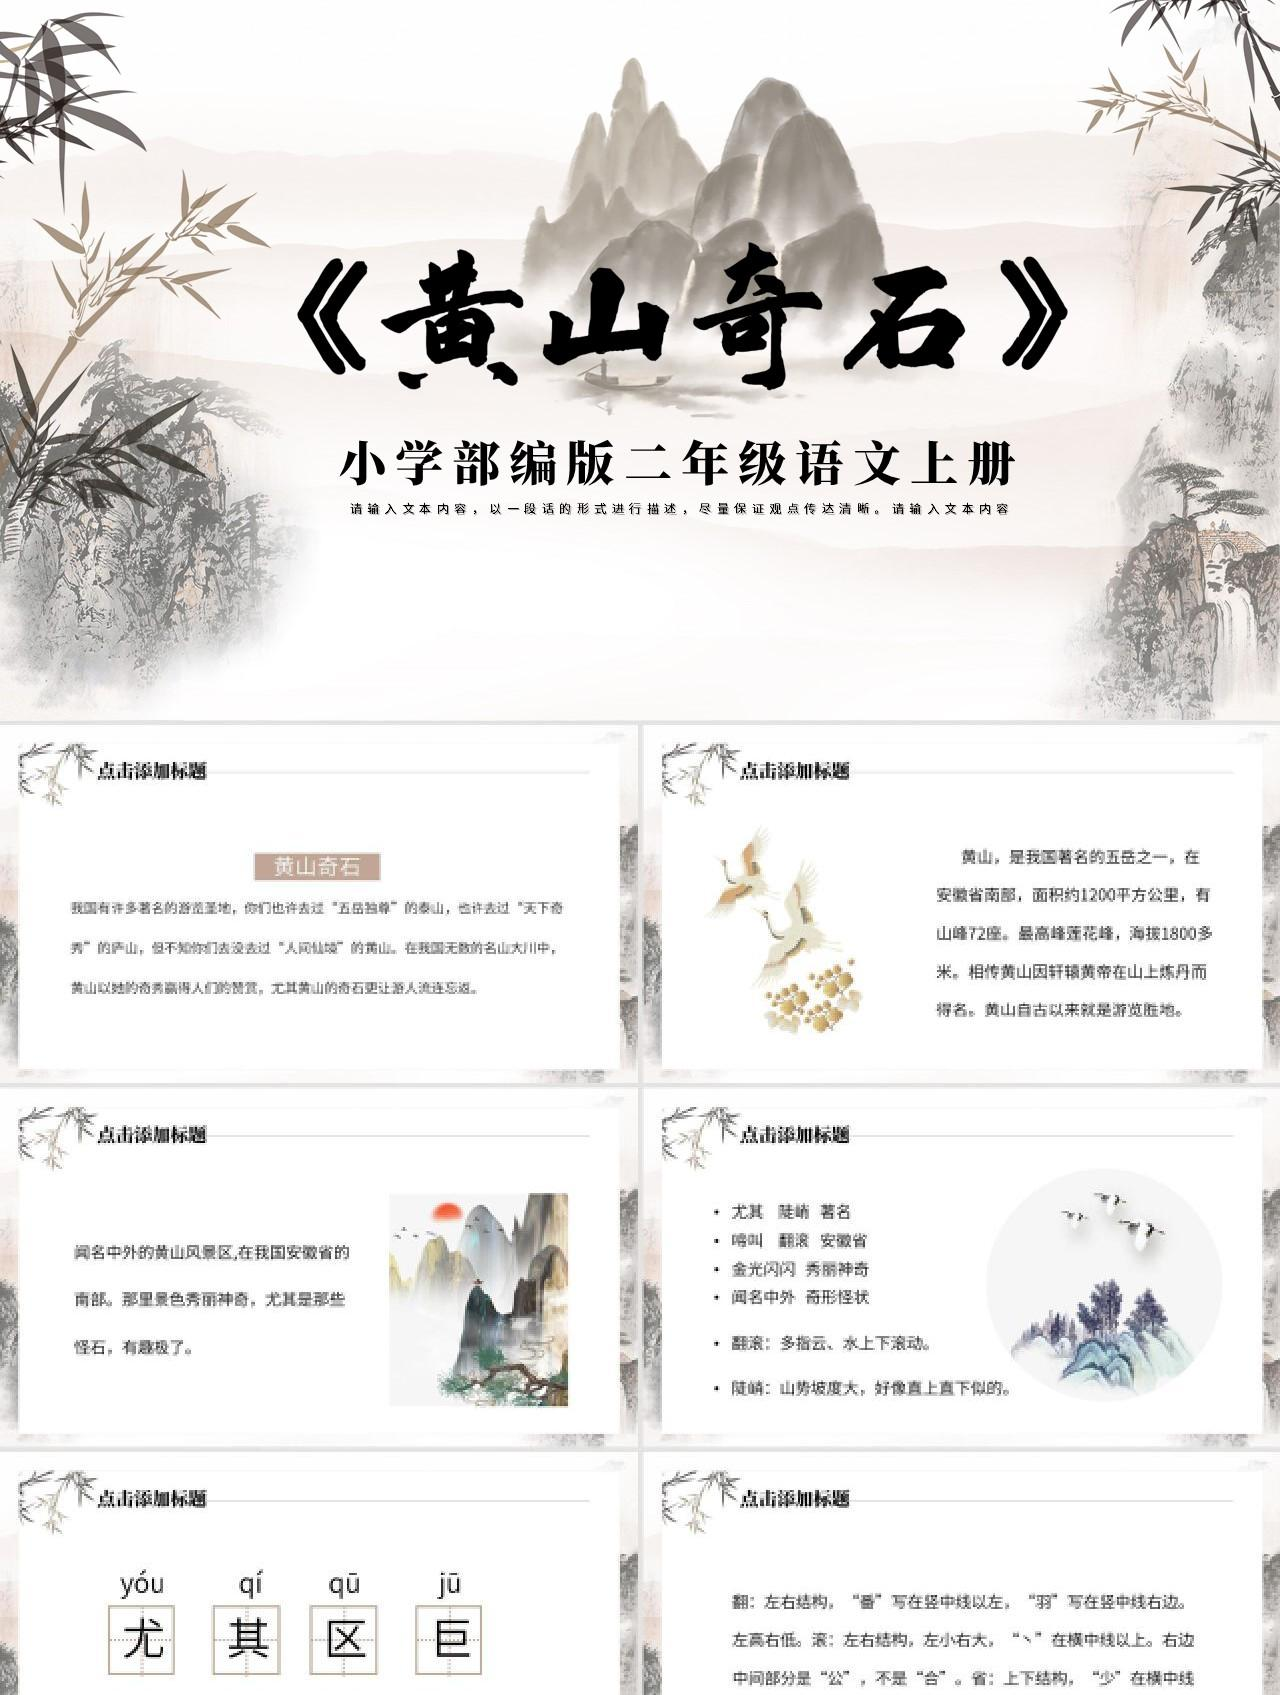 黄棕色中国风二年级语文上册黄山奇石课件PPT模板